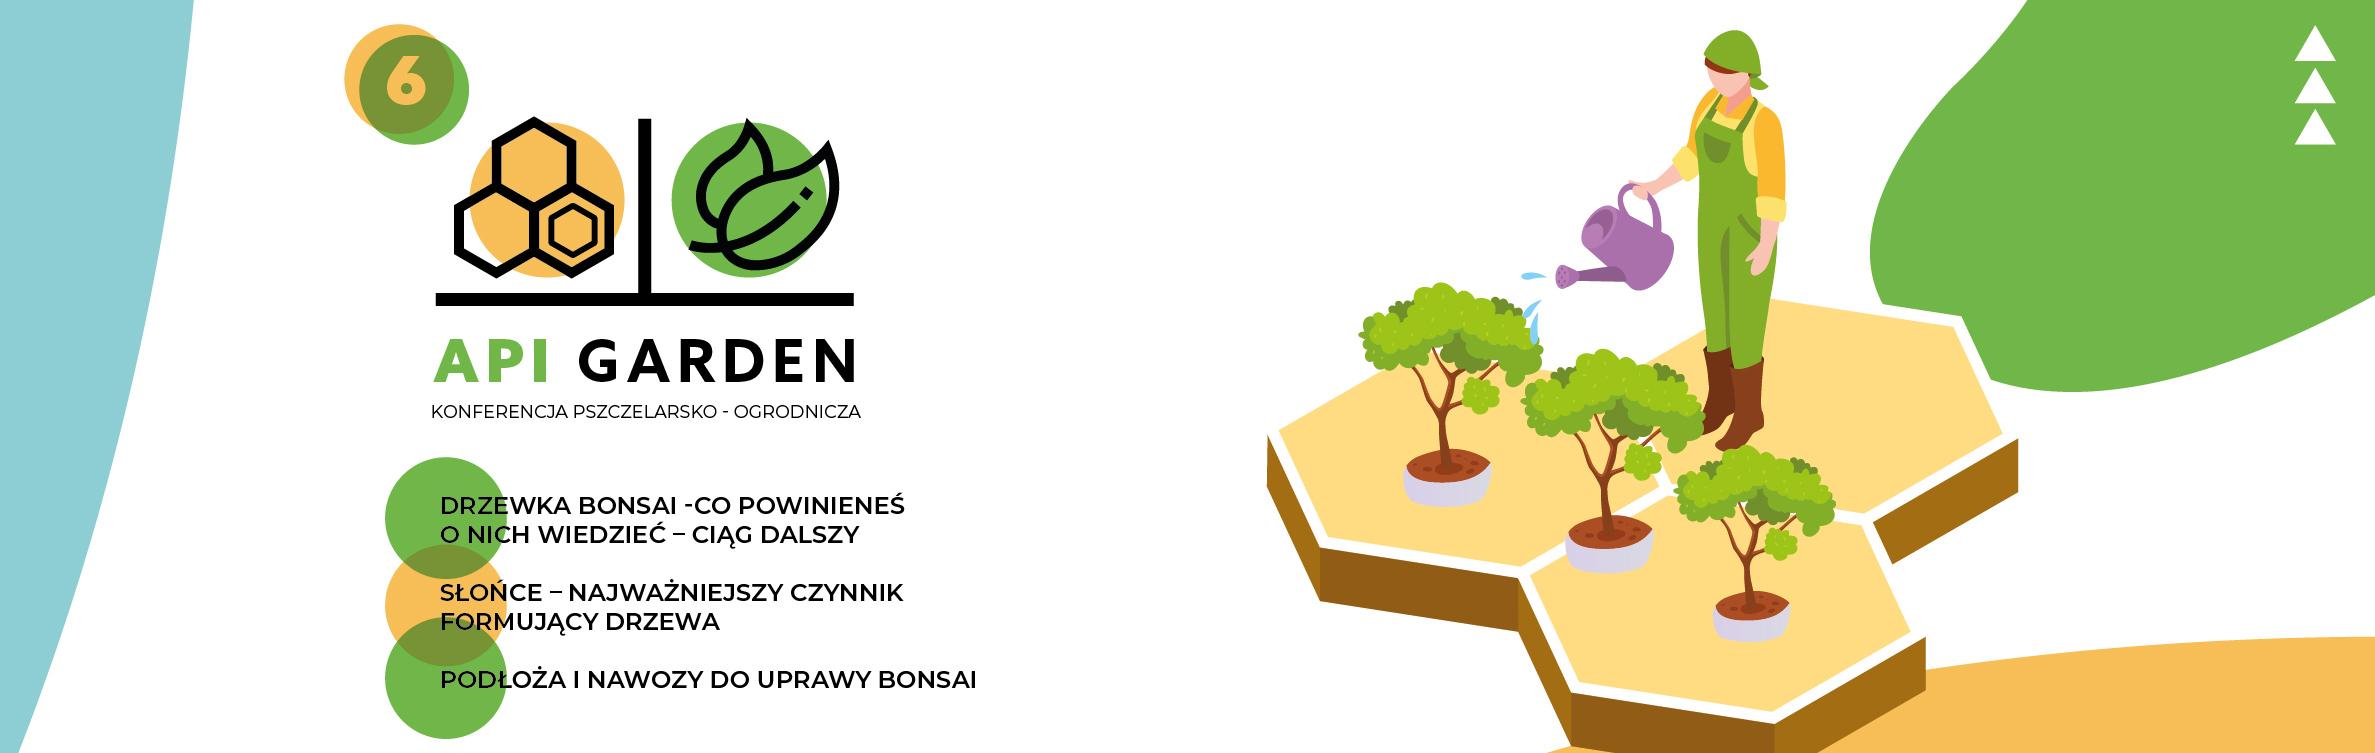 Konferencja API GARDEN – VII edycja